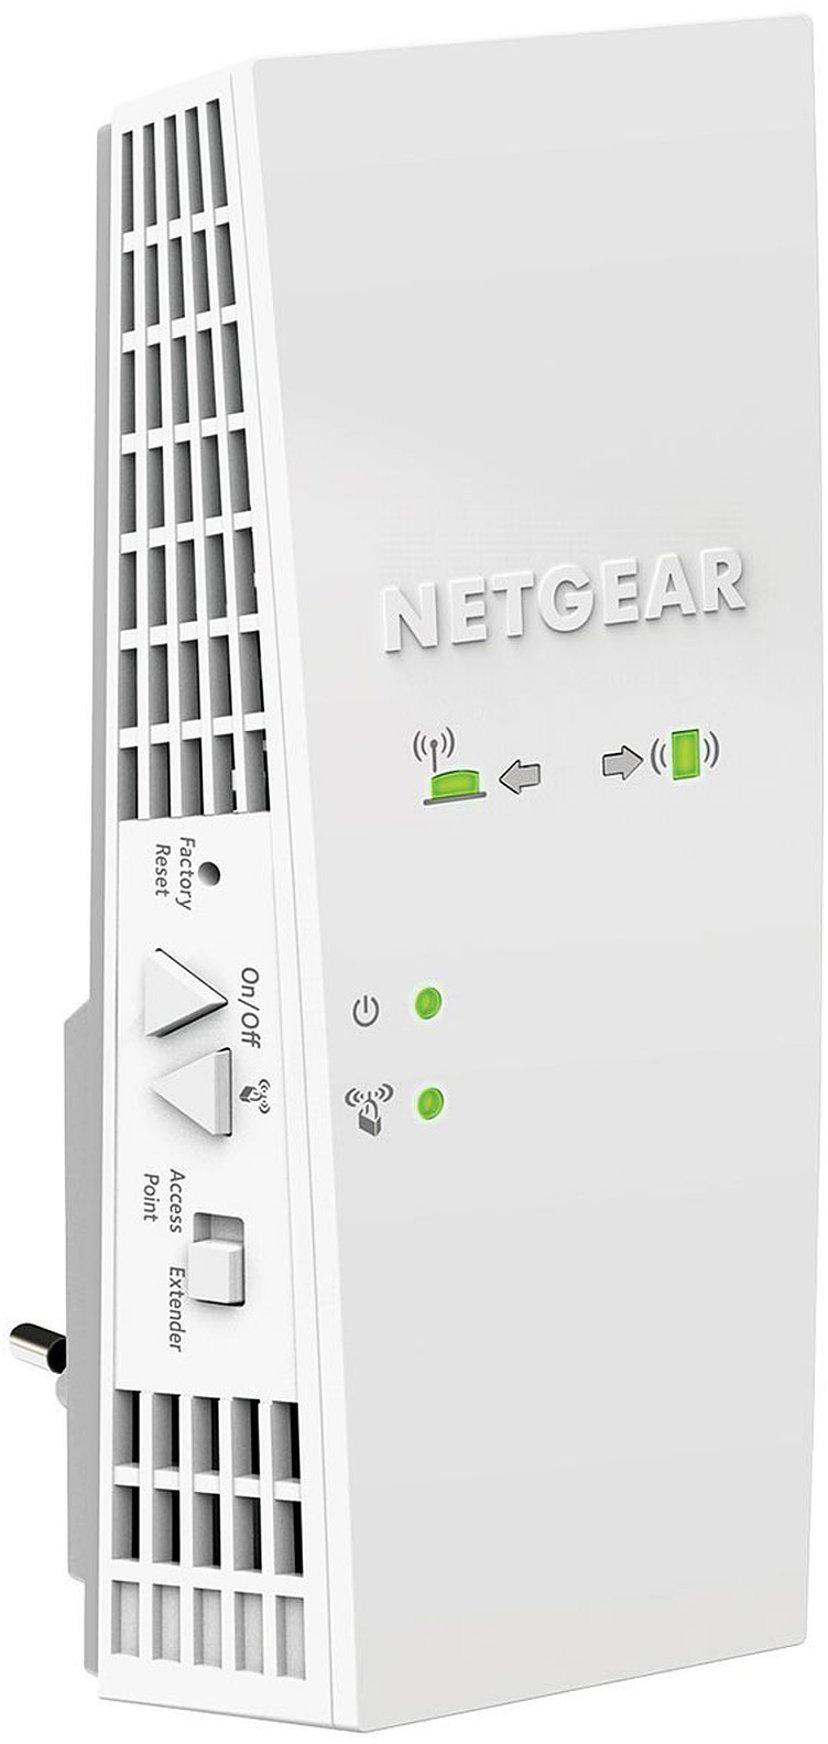 Netgear EX6420 Mesh Extender